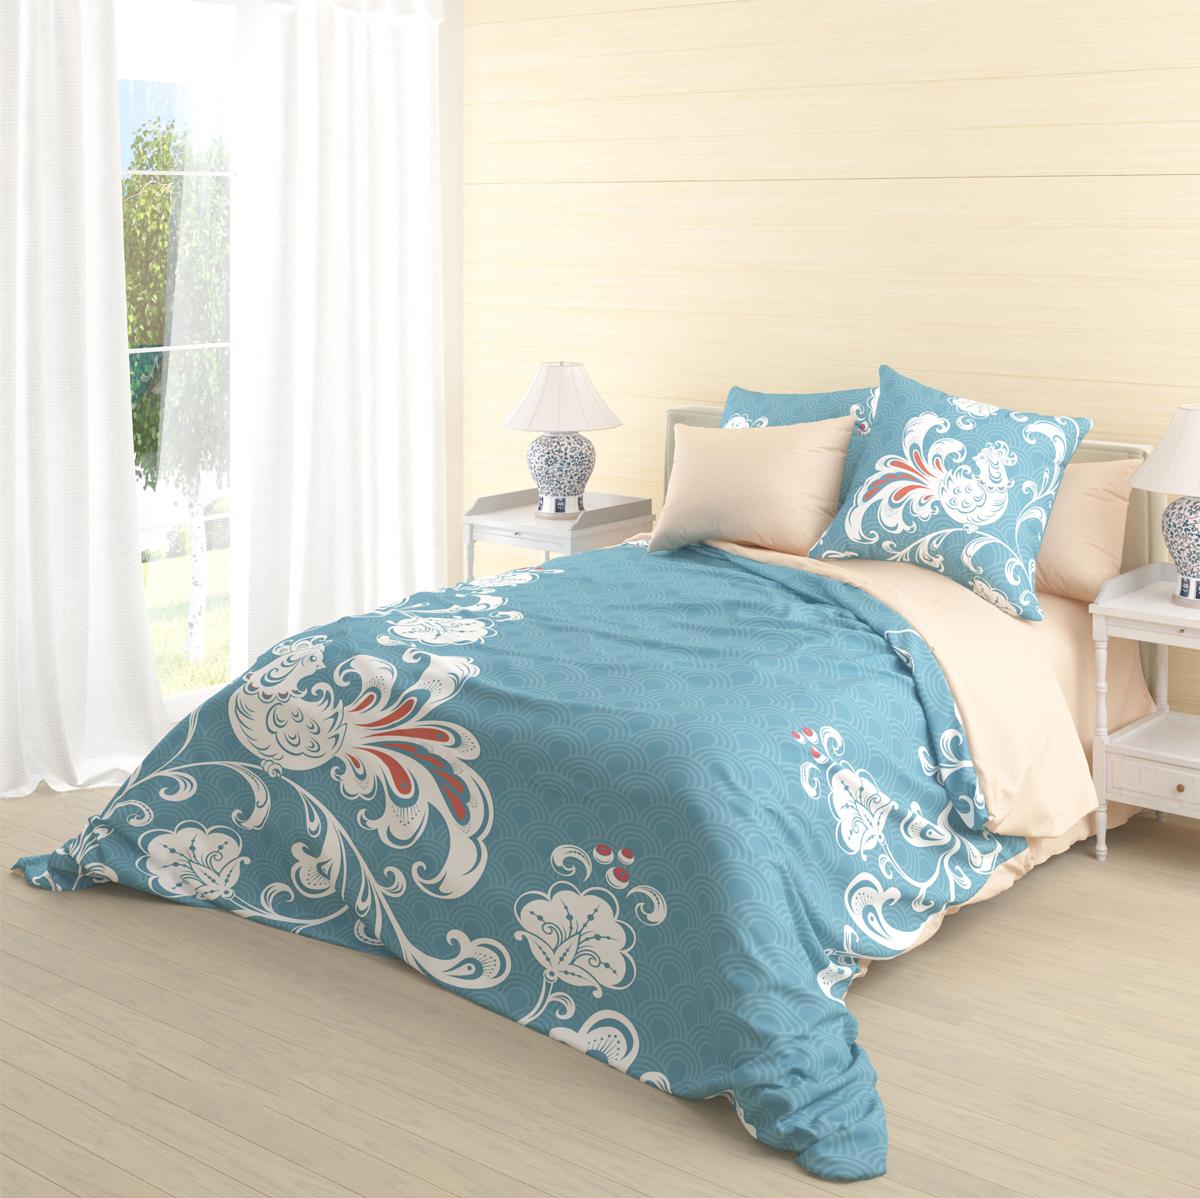 Комплект белья Волшебная ночь Divo, 1,5-спальный, наволочки 70х70 см комплект белья волшебная ночь divo 2 спальный наволочки 70х70 см